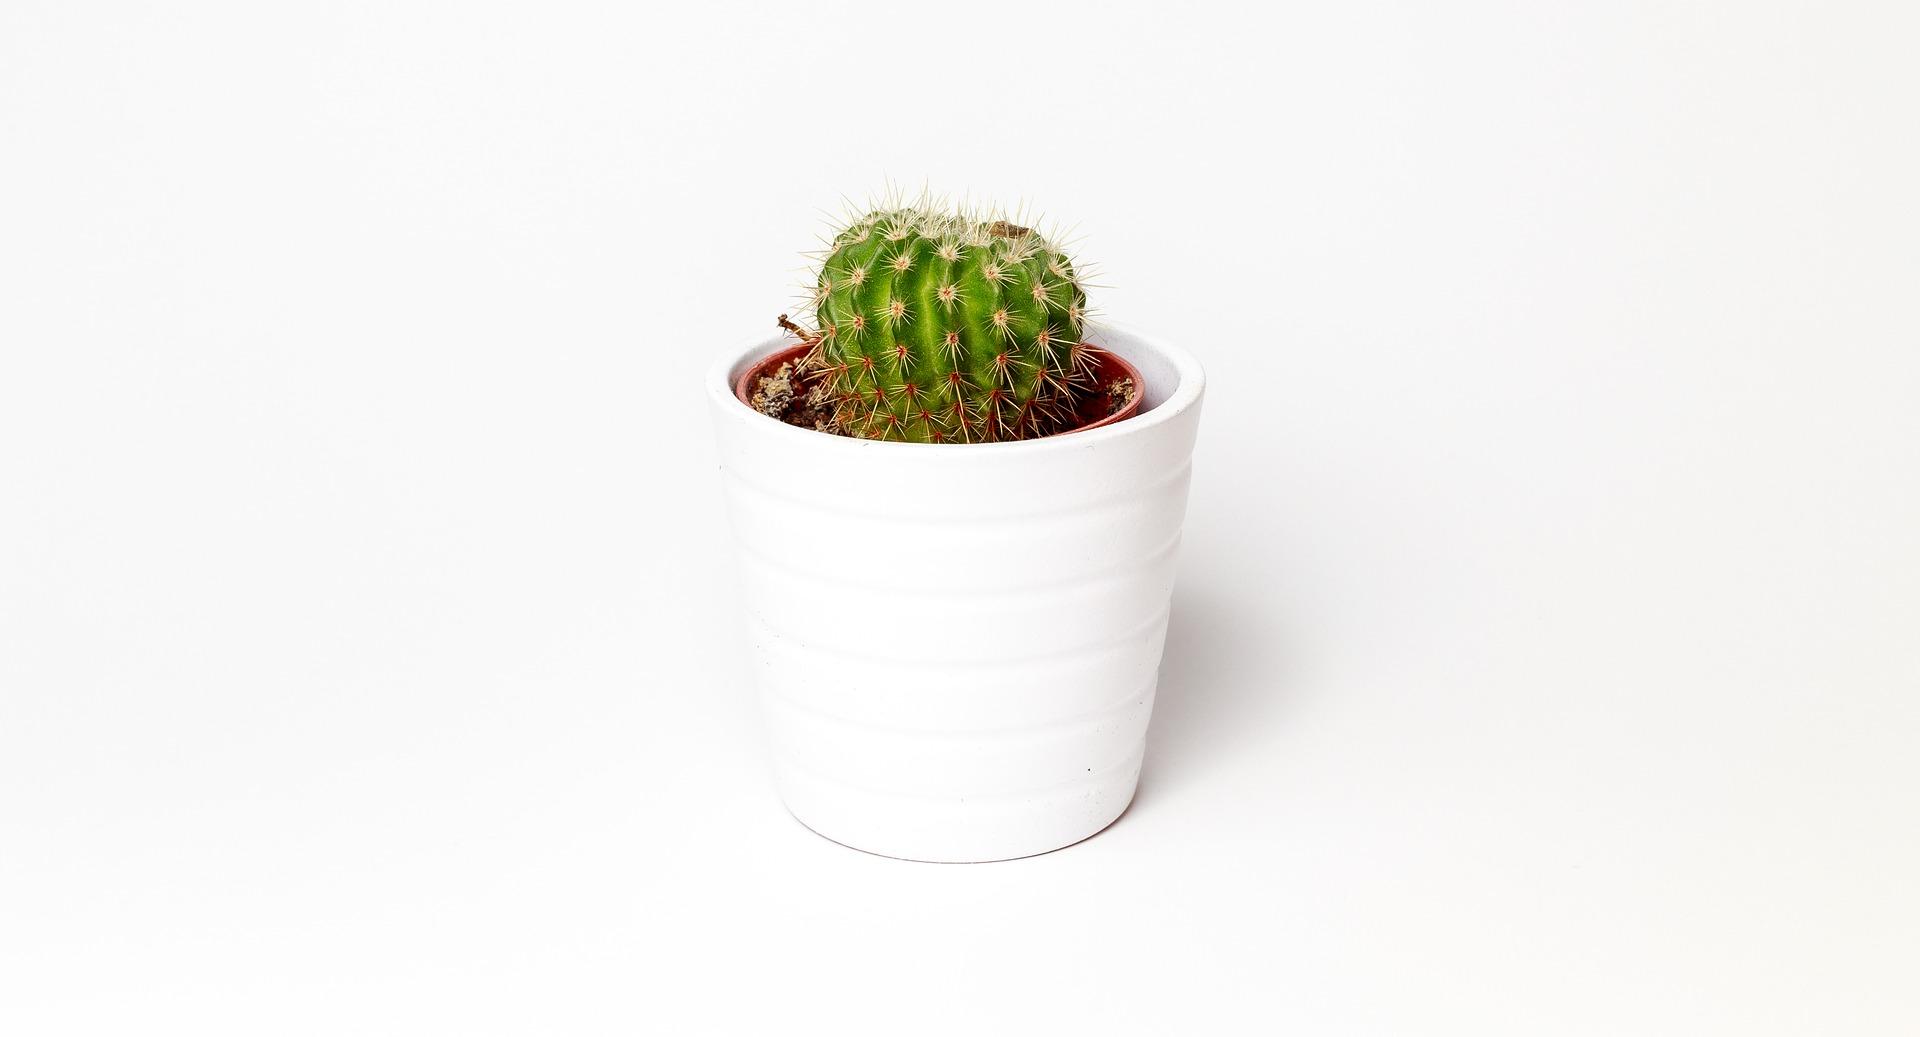 cactus-1842095_1920.jpg